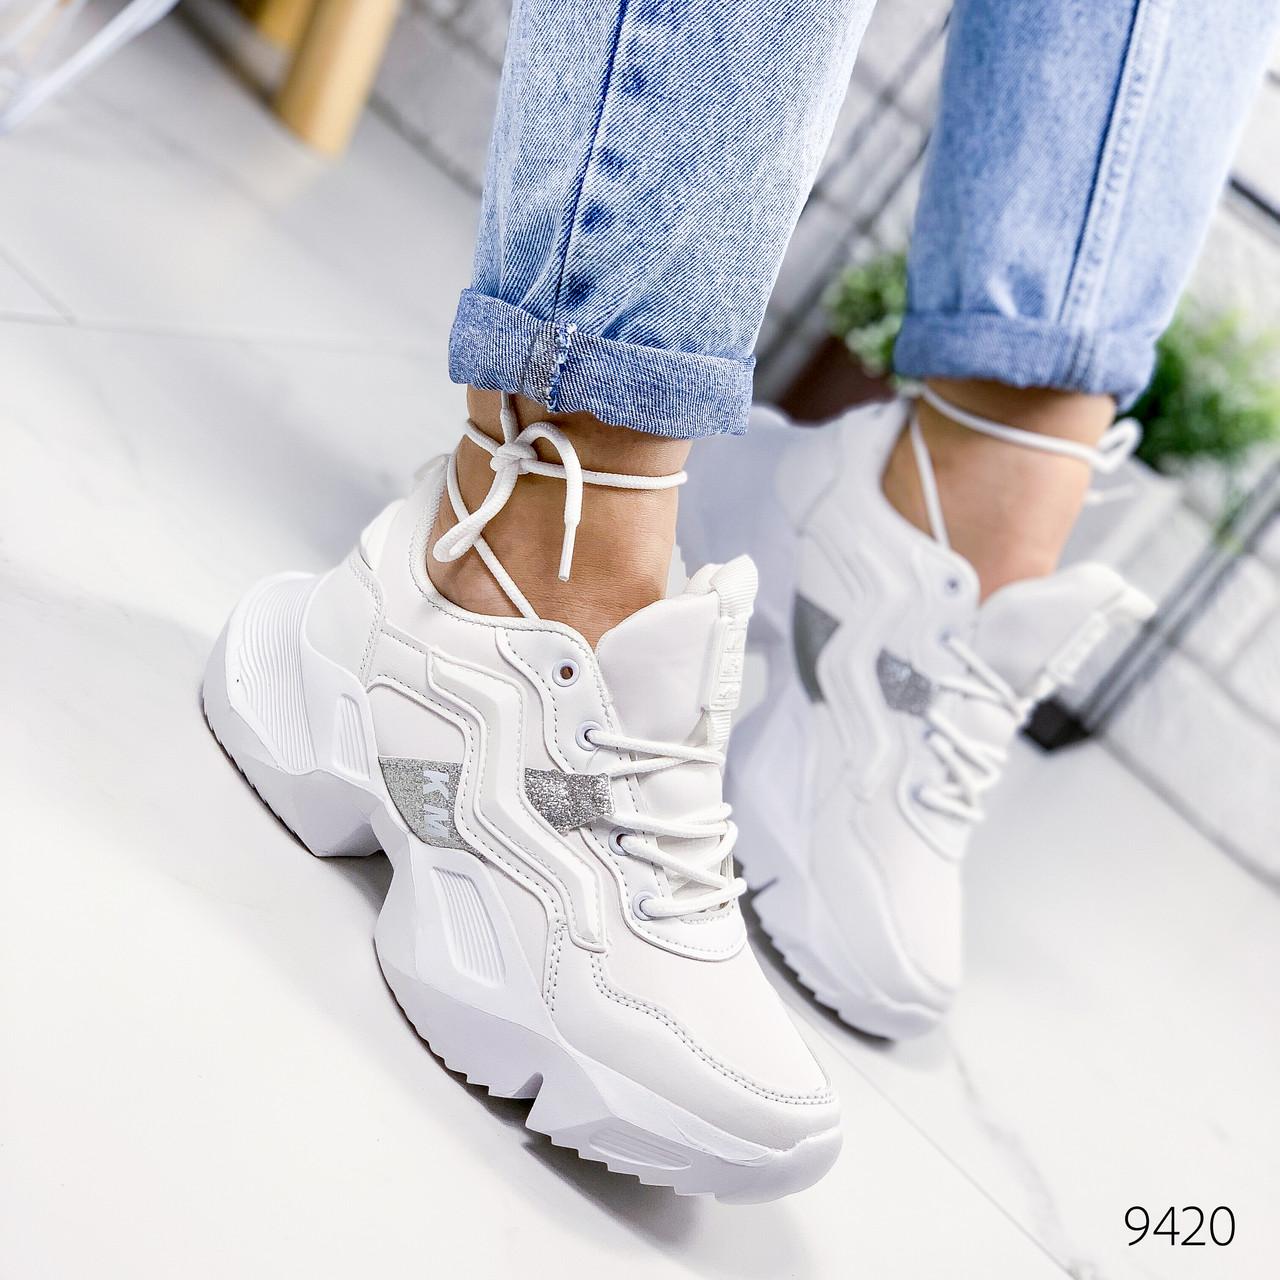 Кроссовки женские Brows белые+серебро 9420